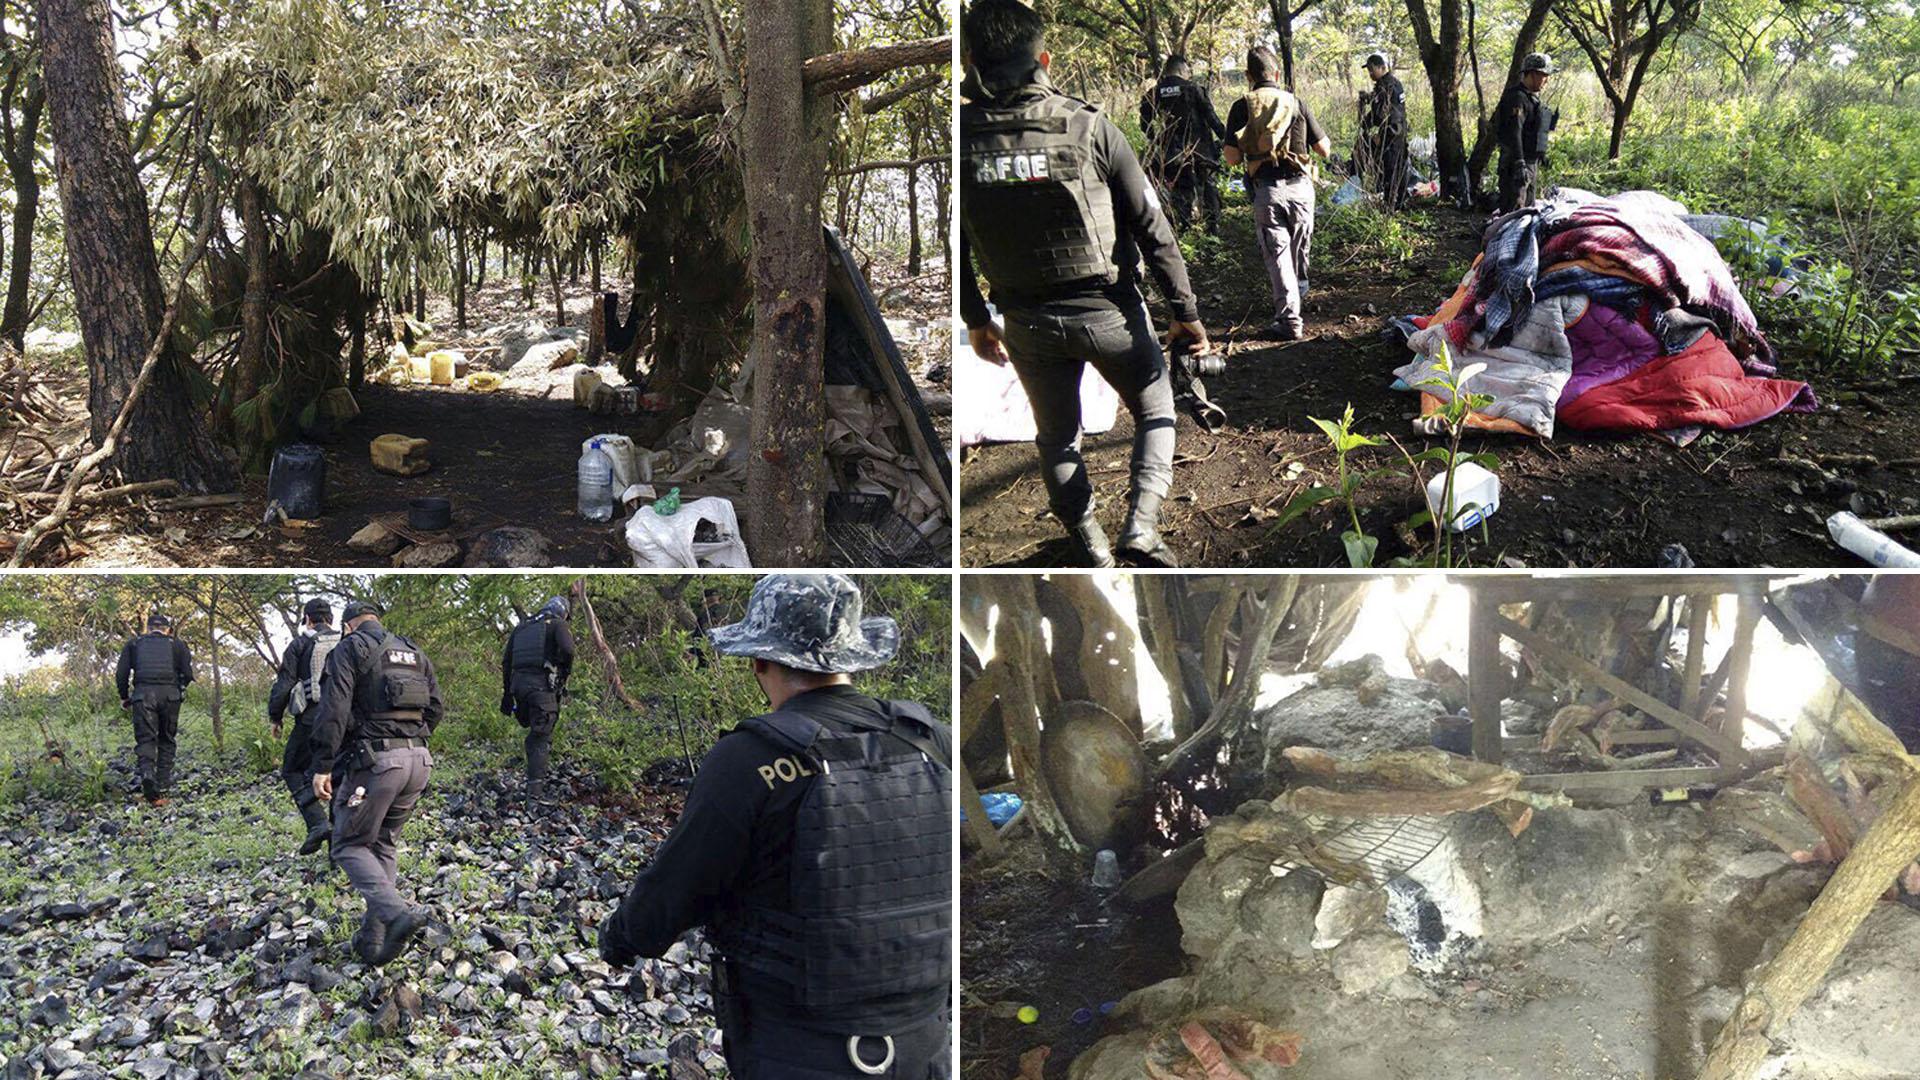 Una persona reclutada logró huír y dar a las autoridades la ubicación de lo uno de los campamentos.